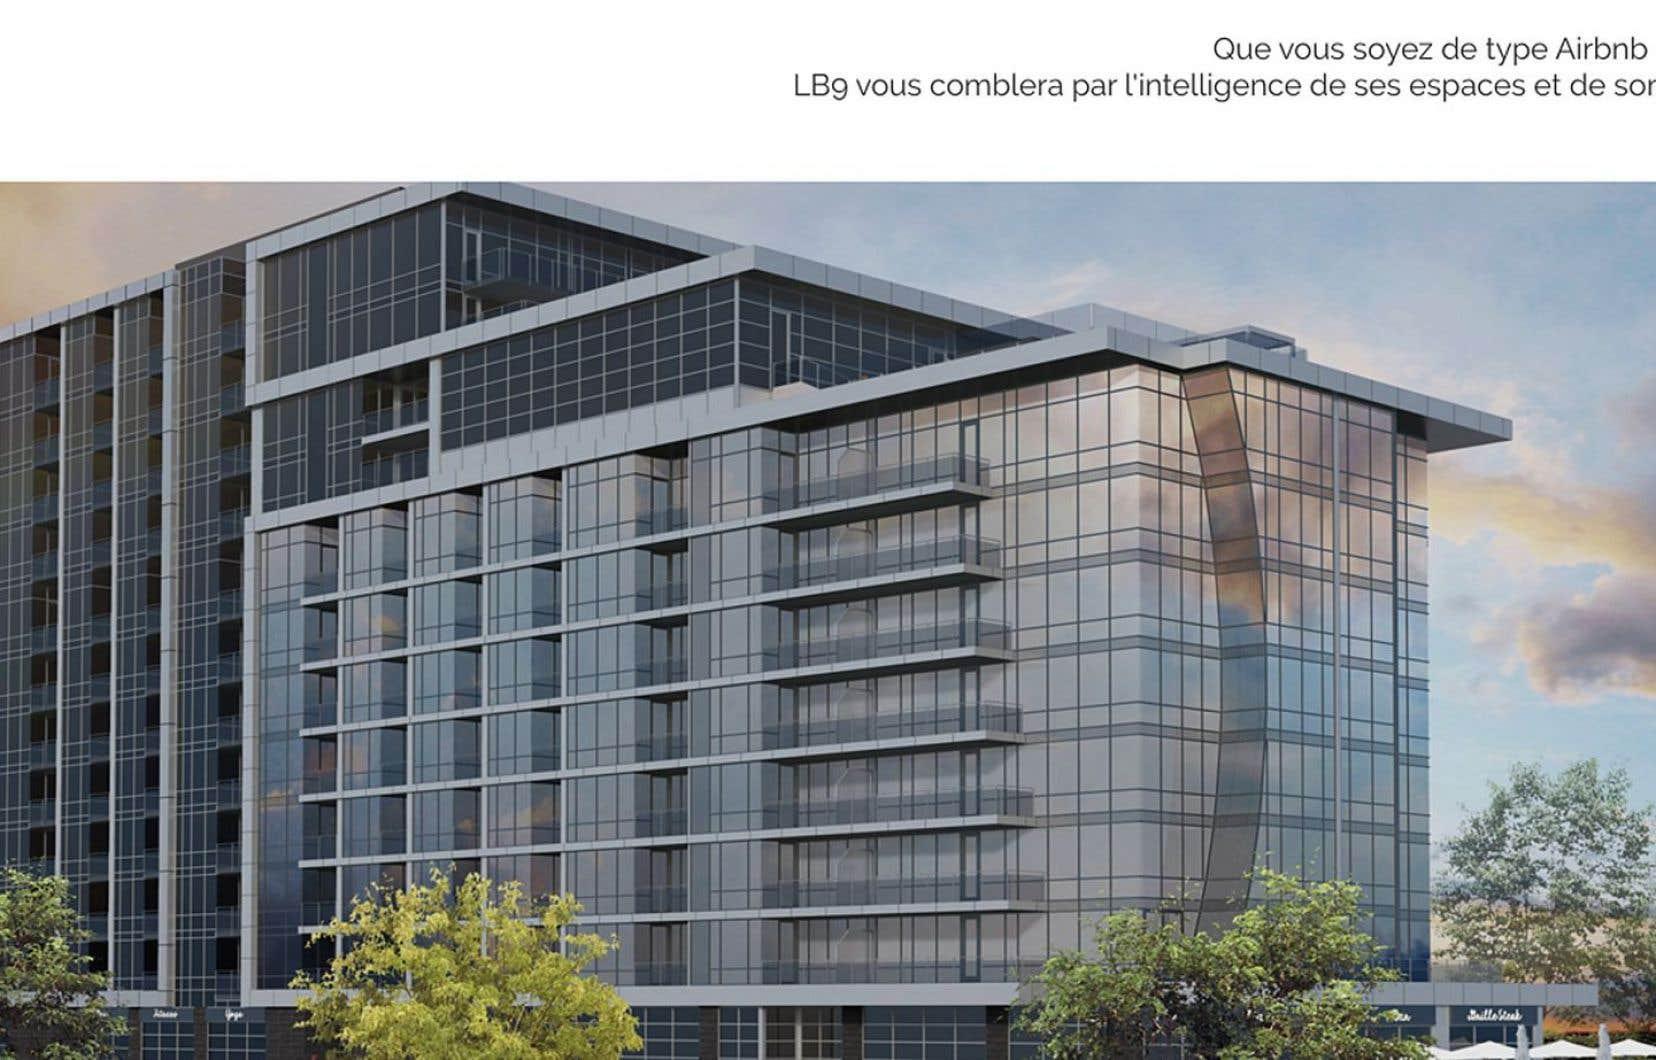 La publicité du projet Condos LB9